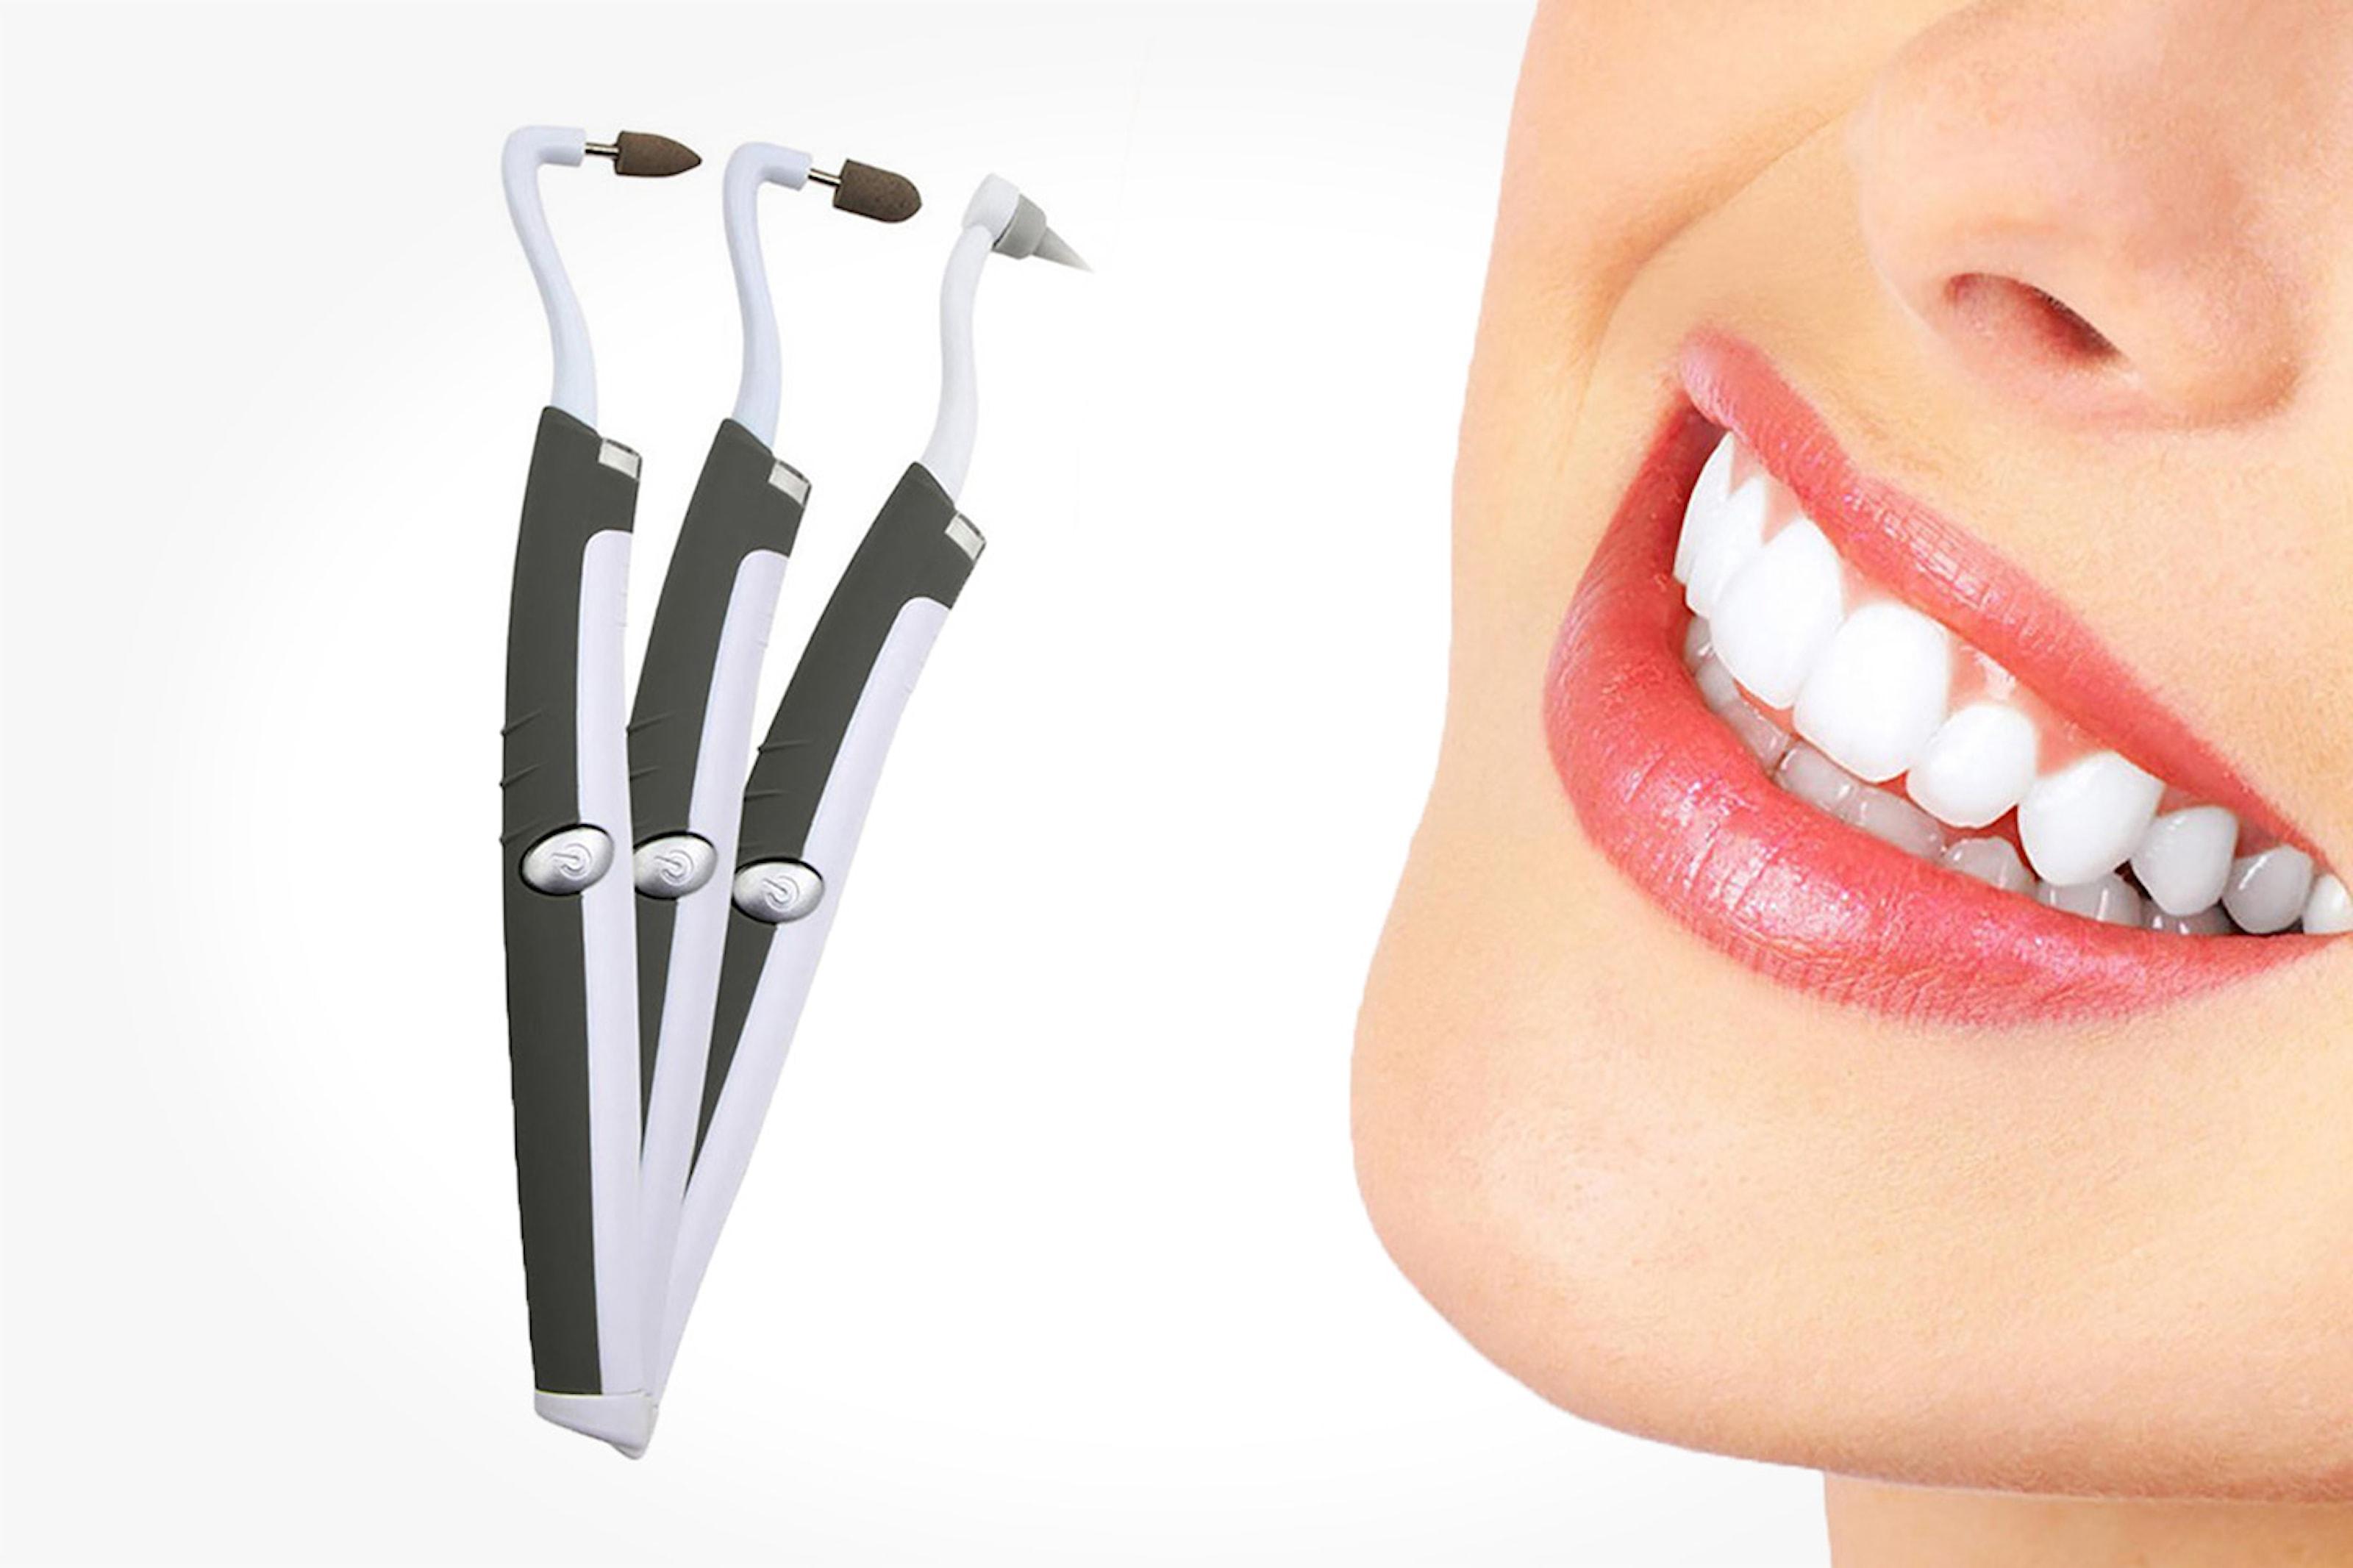 Elektronisk tannrenser